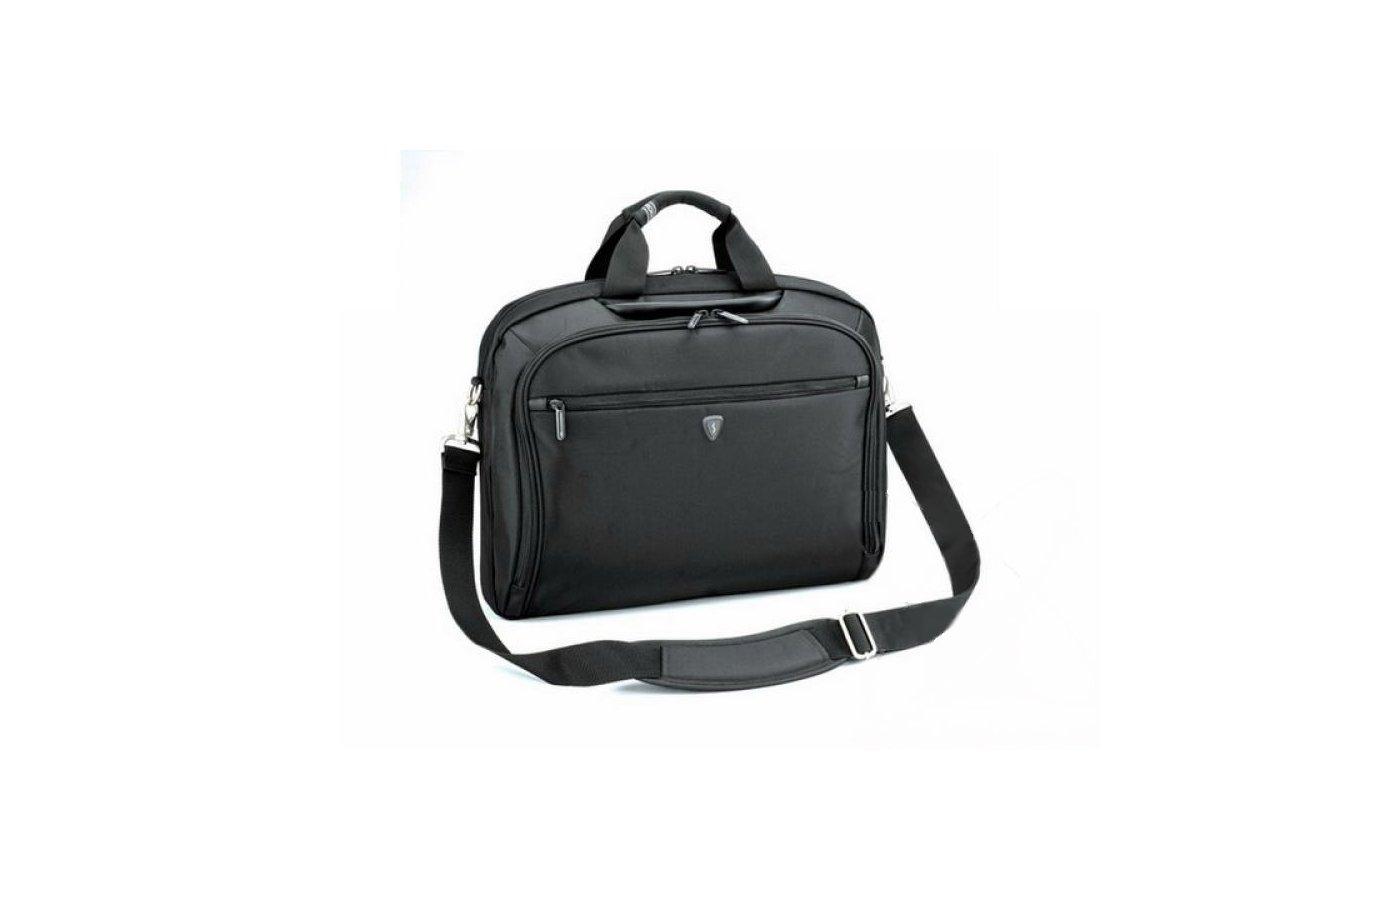 Кейс для ноутбука Sumdex PON-352BK Impulse Notebook Brief до 15,6 (нейлон/полиэстер, черный, 41.9x32.4x10.2 см)